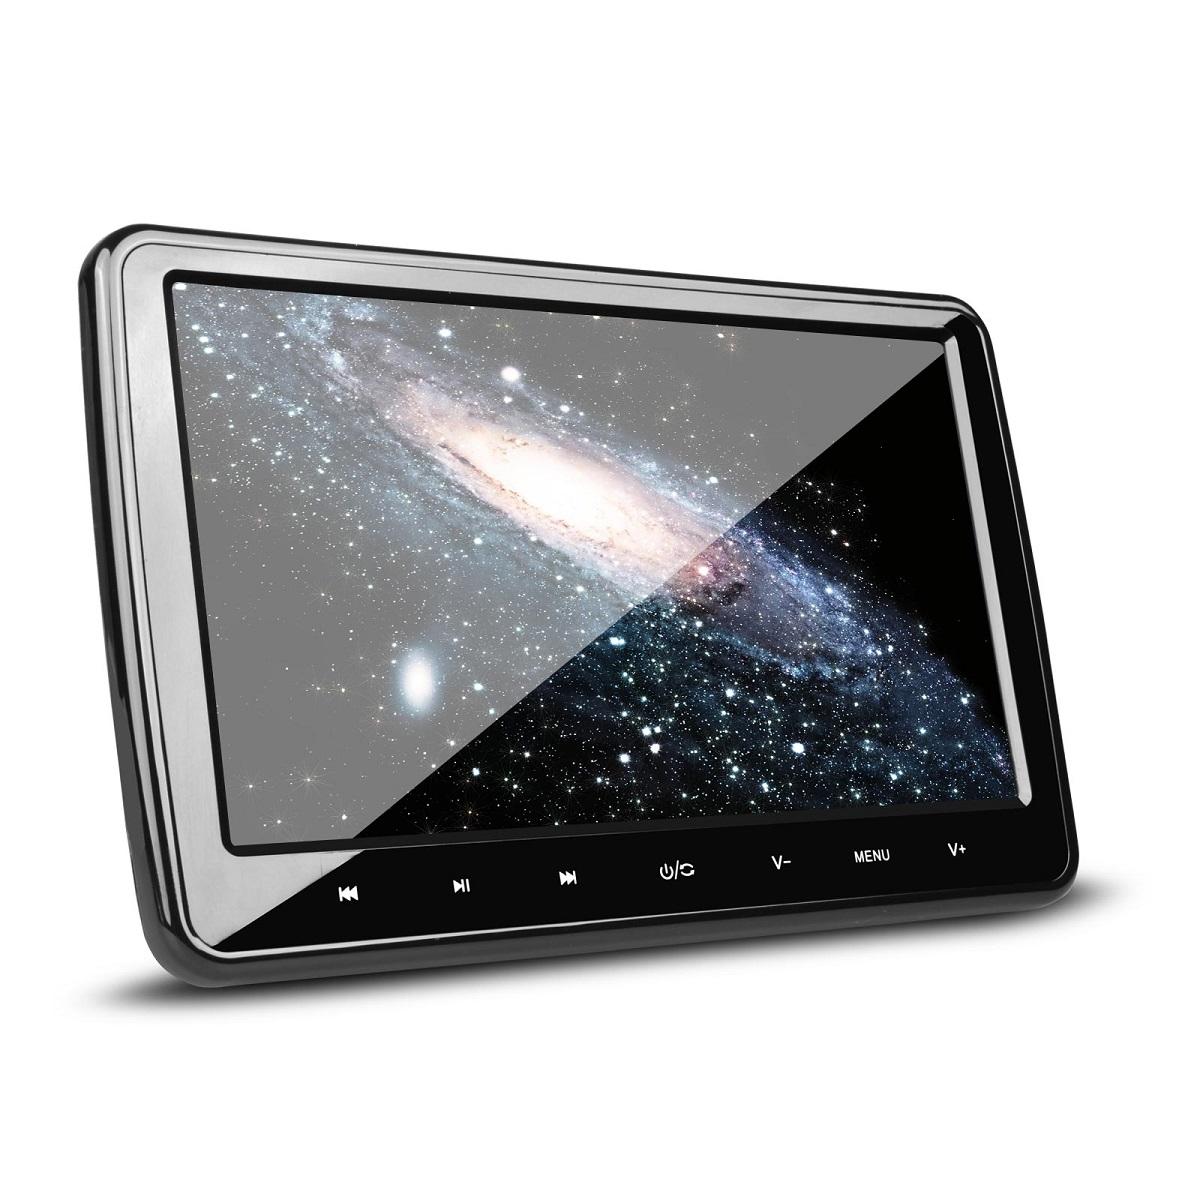 (HD101)XTRONS 10インチ ヘッドレストモニター DVDプレーヤー HDMI連動 高画質 大画面 軽量 薄型 取付0円 ゲーム USB・SD 1個1セット 一年保証付き